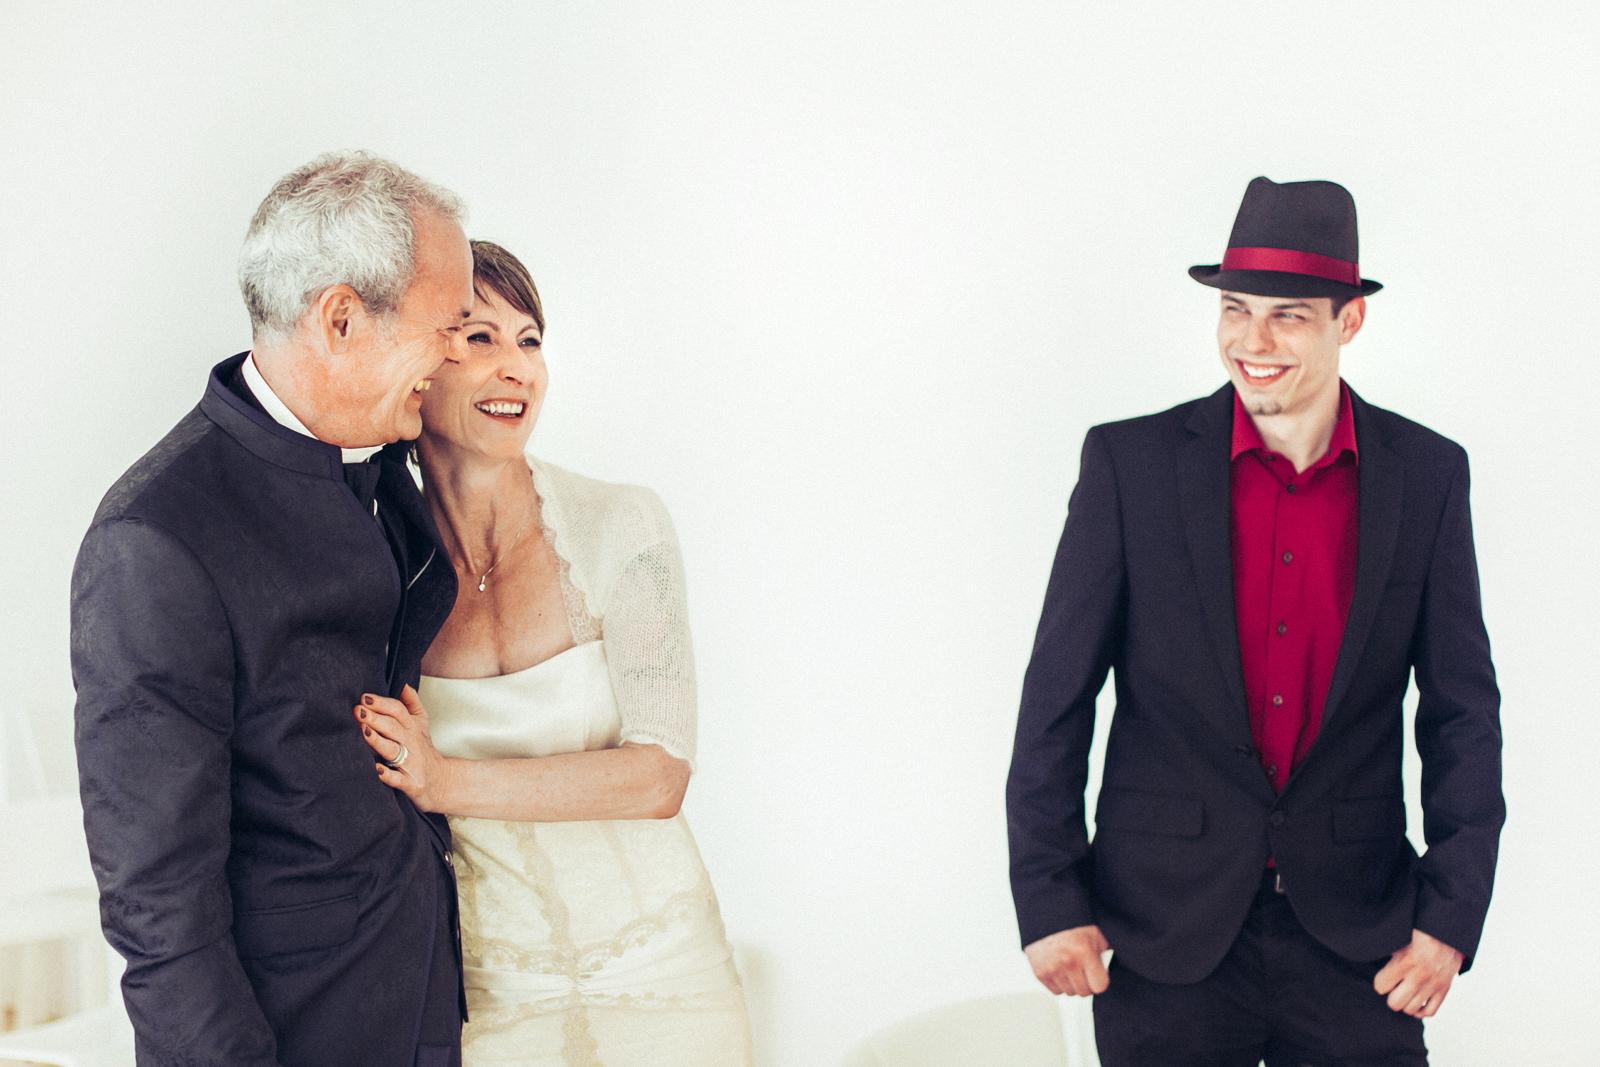 Brautpaar umarmt sich während Trauzeuge lachend danebensteht